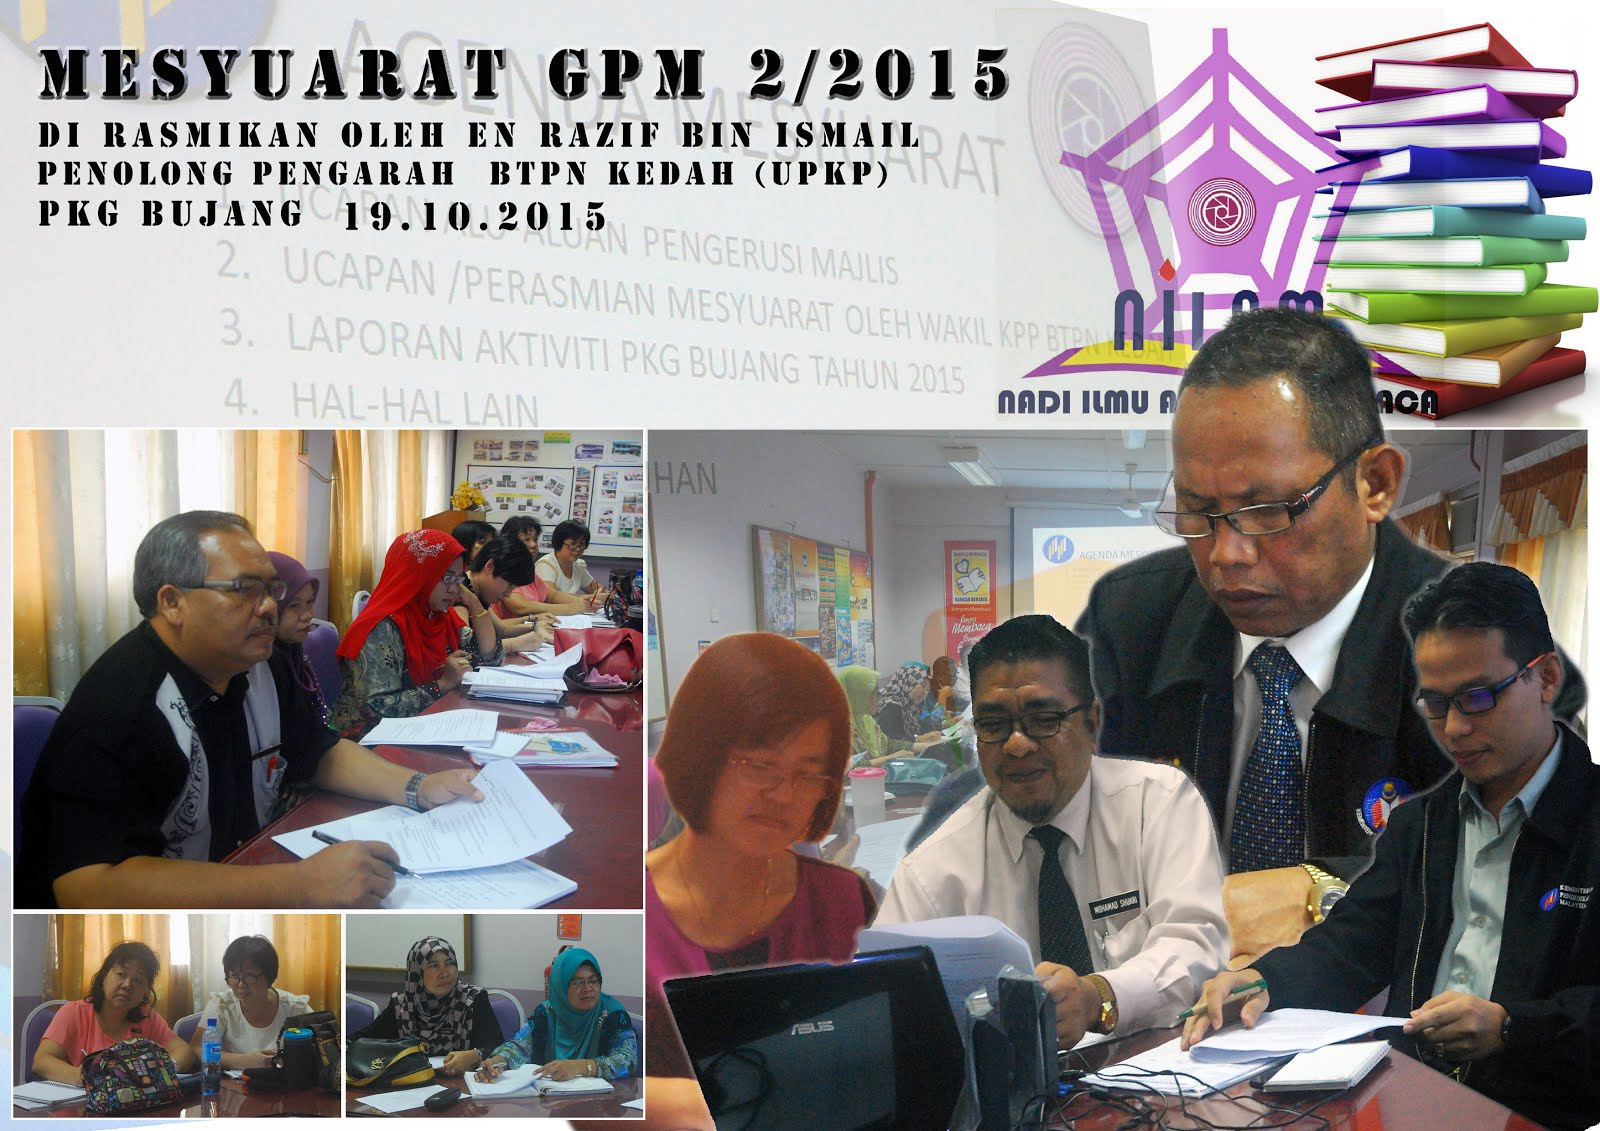 Mesyuarat GPM 2/2015